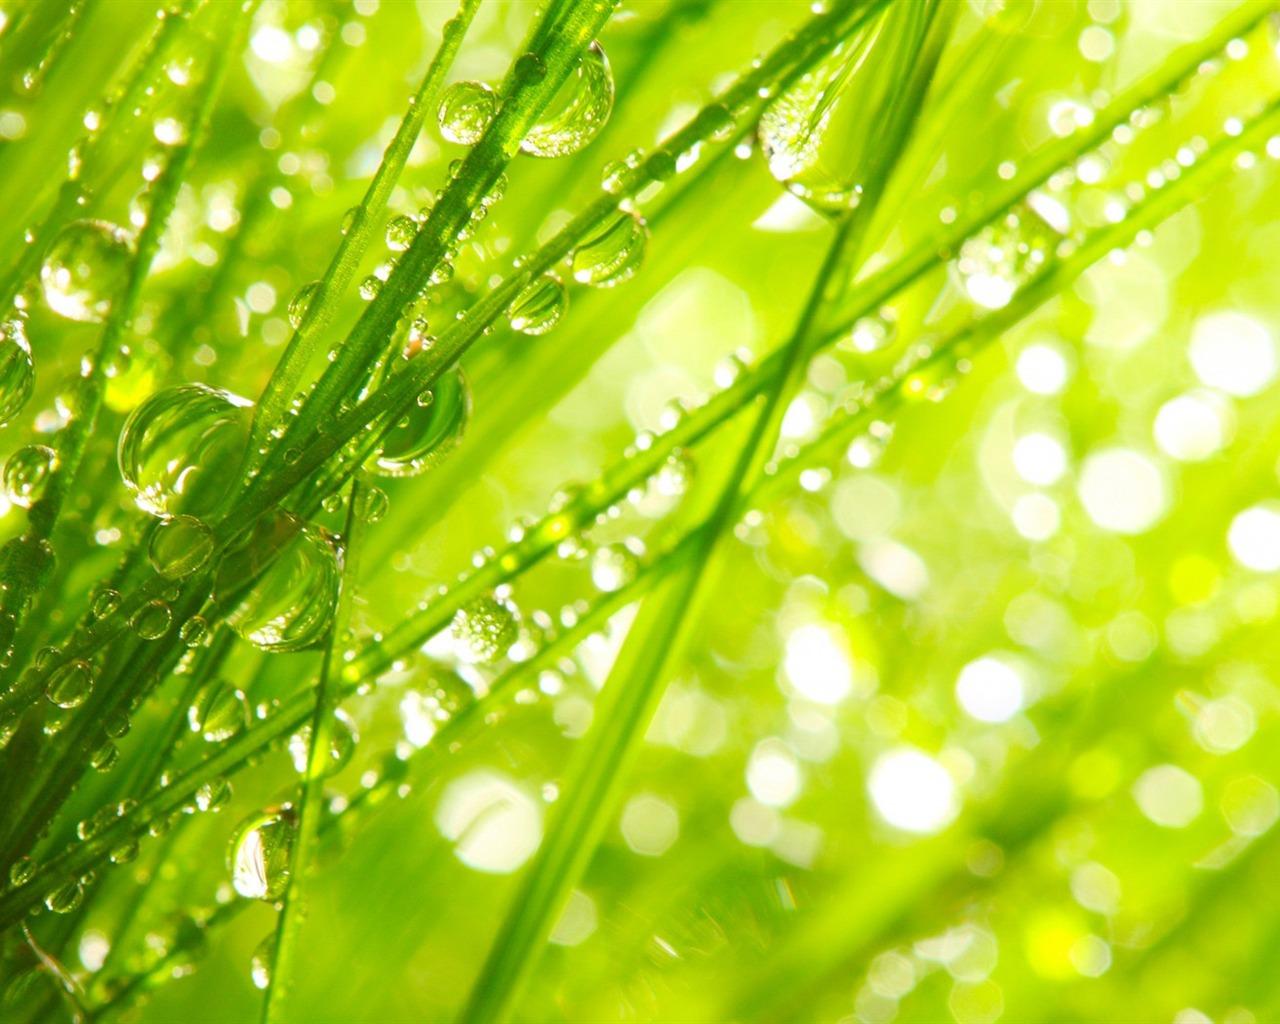 描述: 潮湿的草绿色-写真高清壁纸 当前壁纸尺寸: 1280 x 1024图片